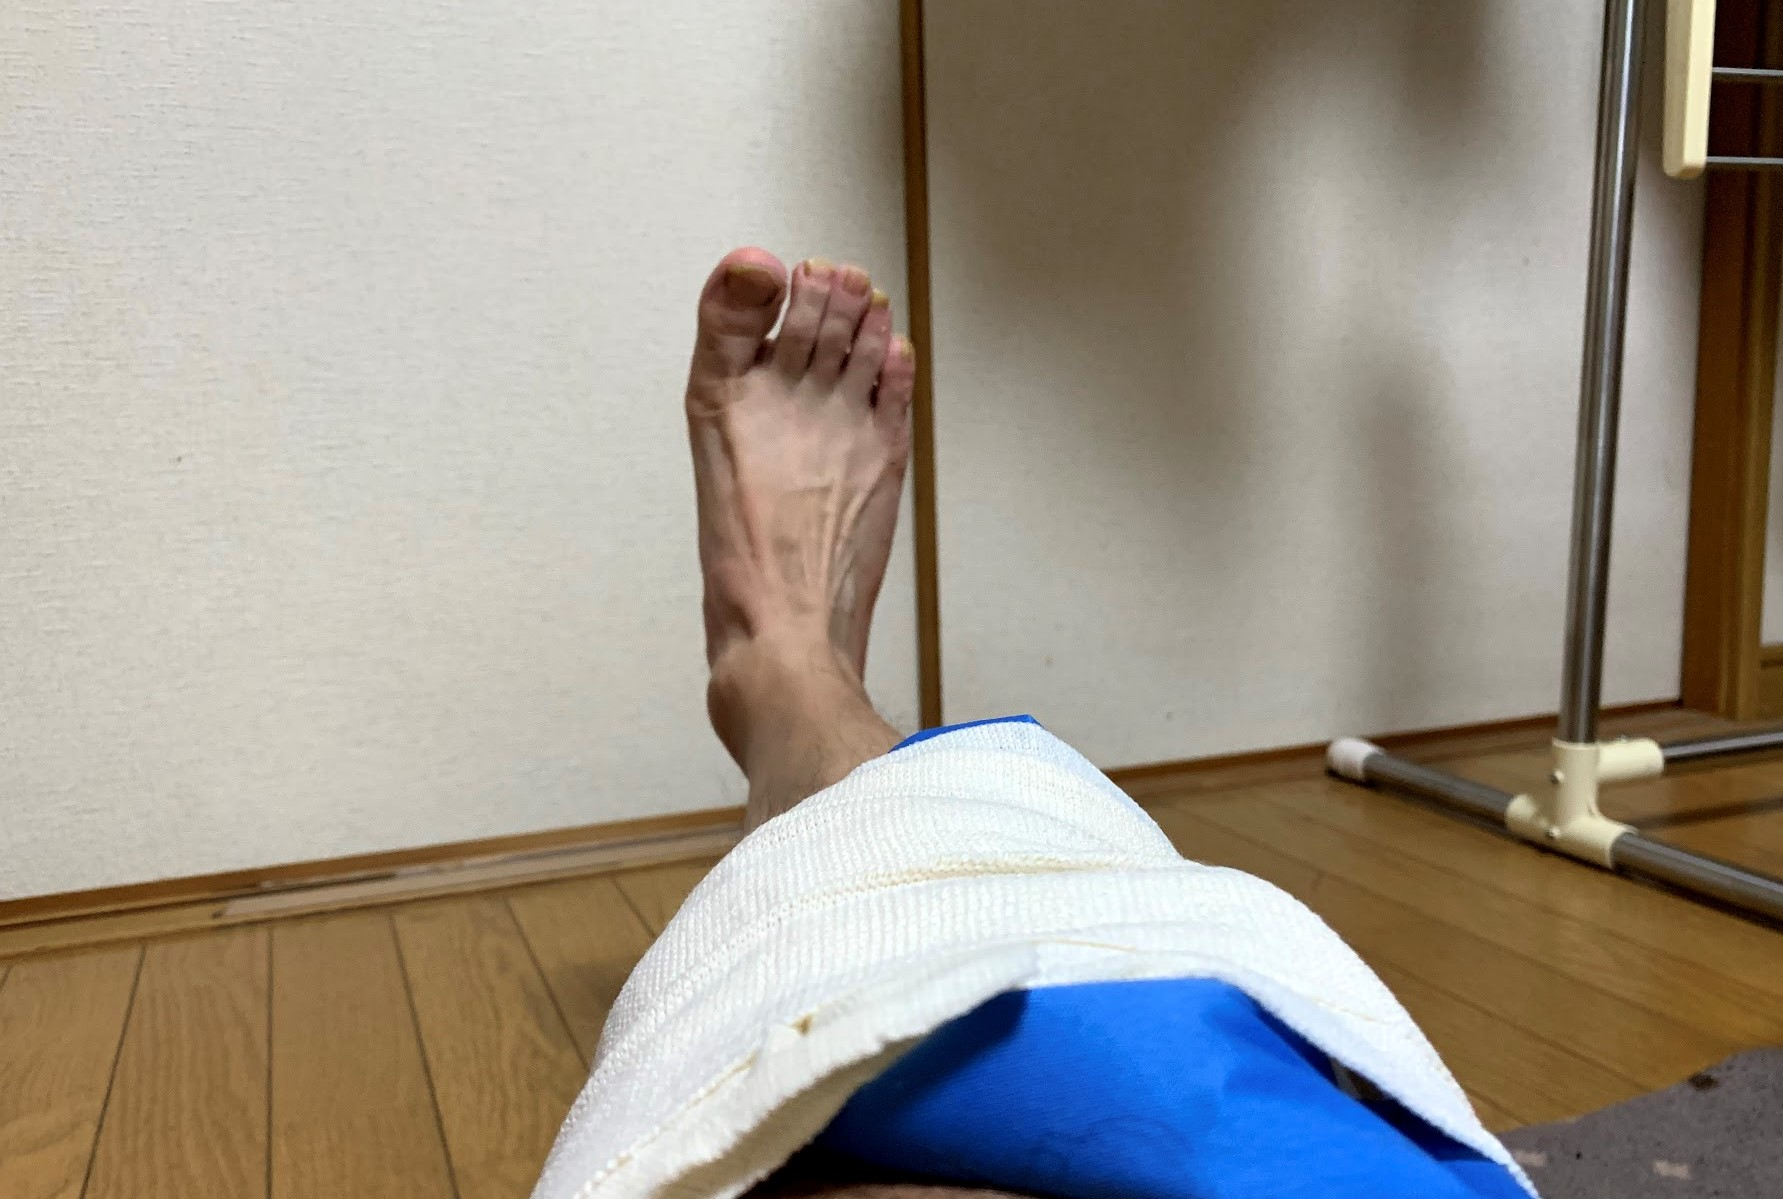 右膝外側の痛みが悪化傾向につき対策を徹底的に検討しよう